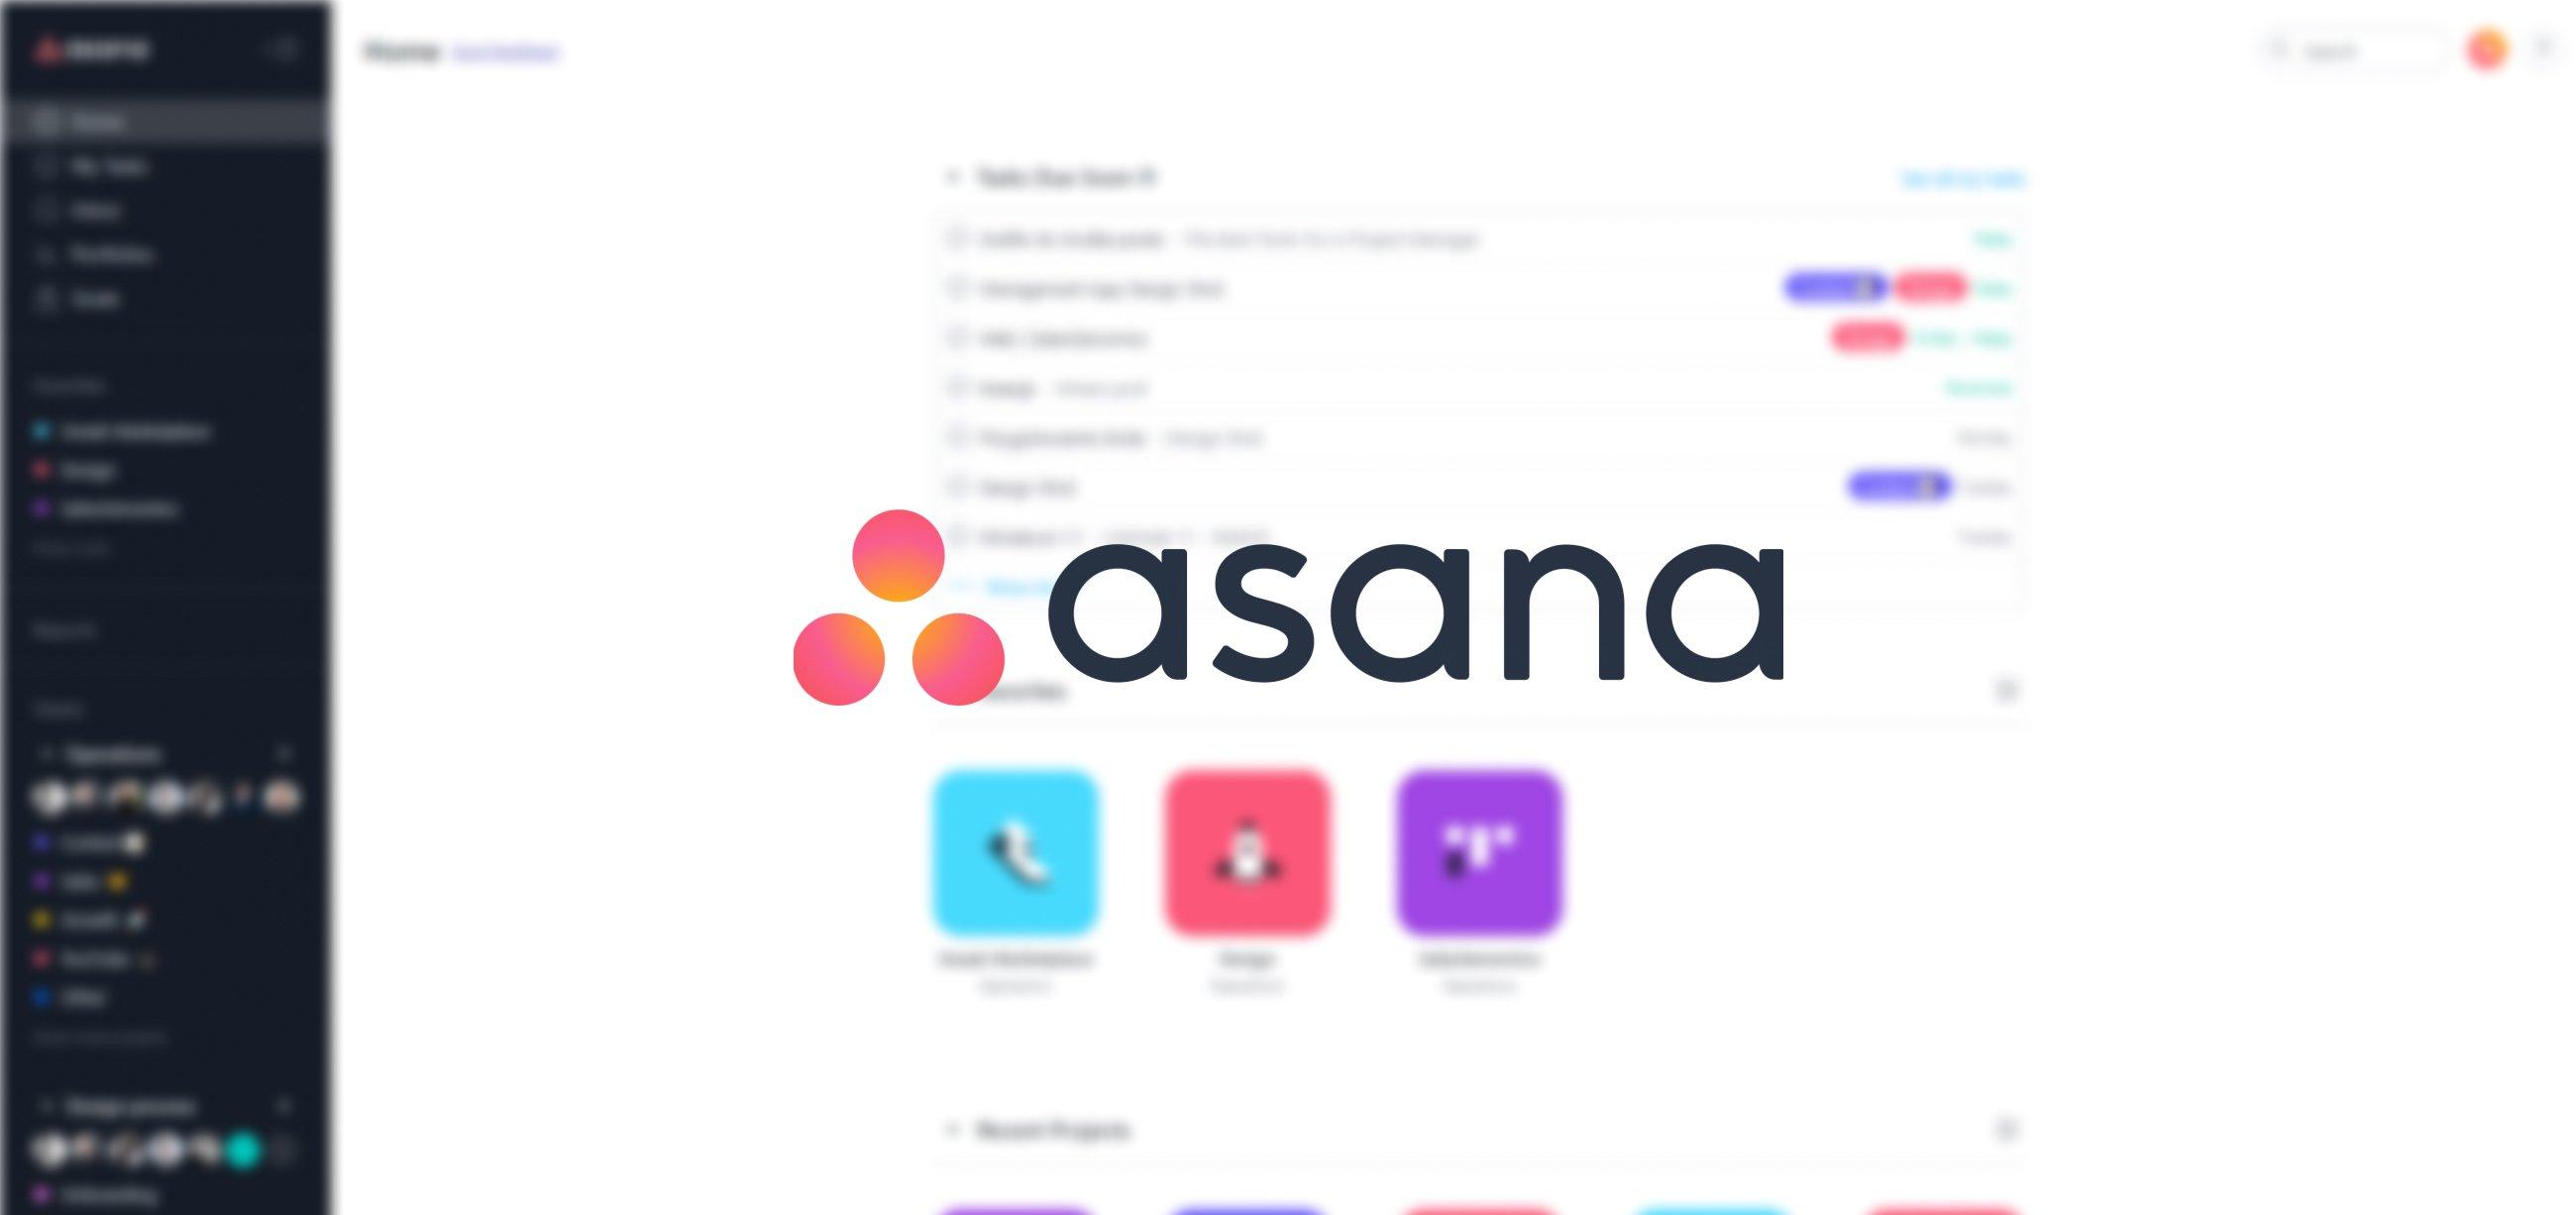 Top project management tools - Asana